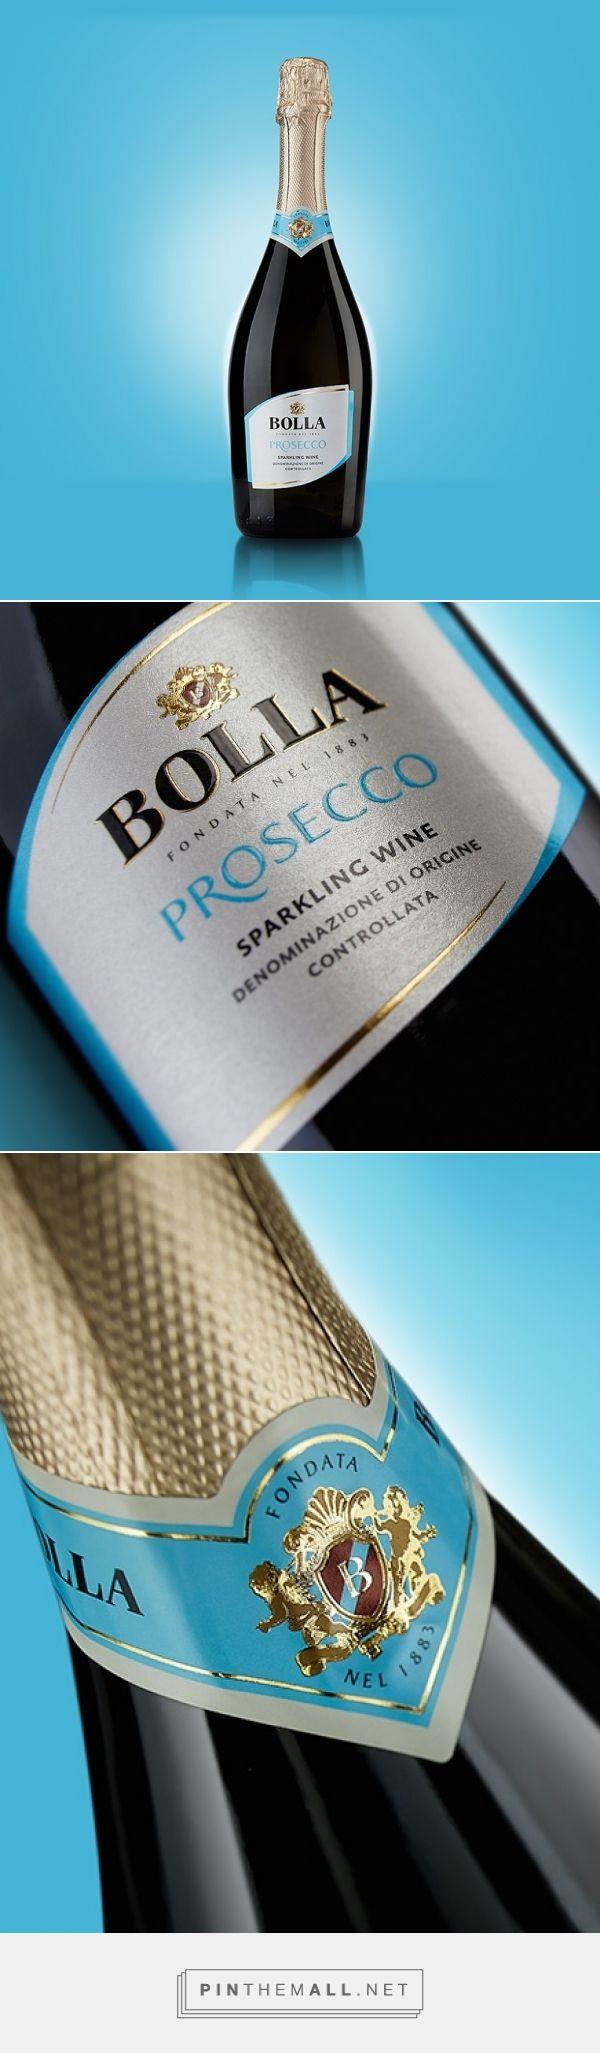 Gruppo Italiano Vini, Bolla Restyling - Prosecco DOC #Colour